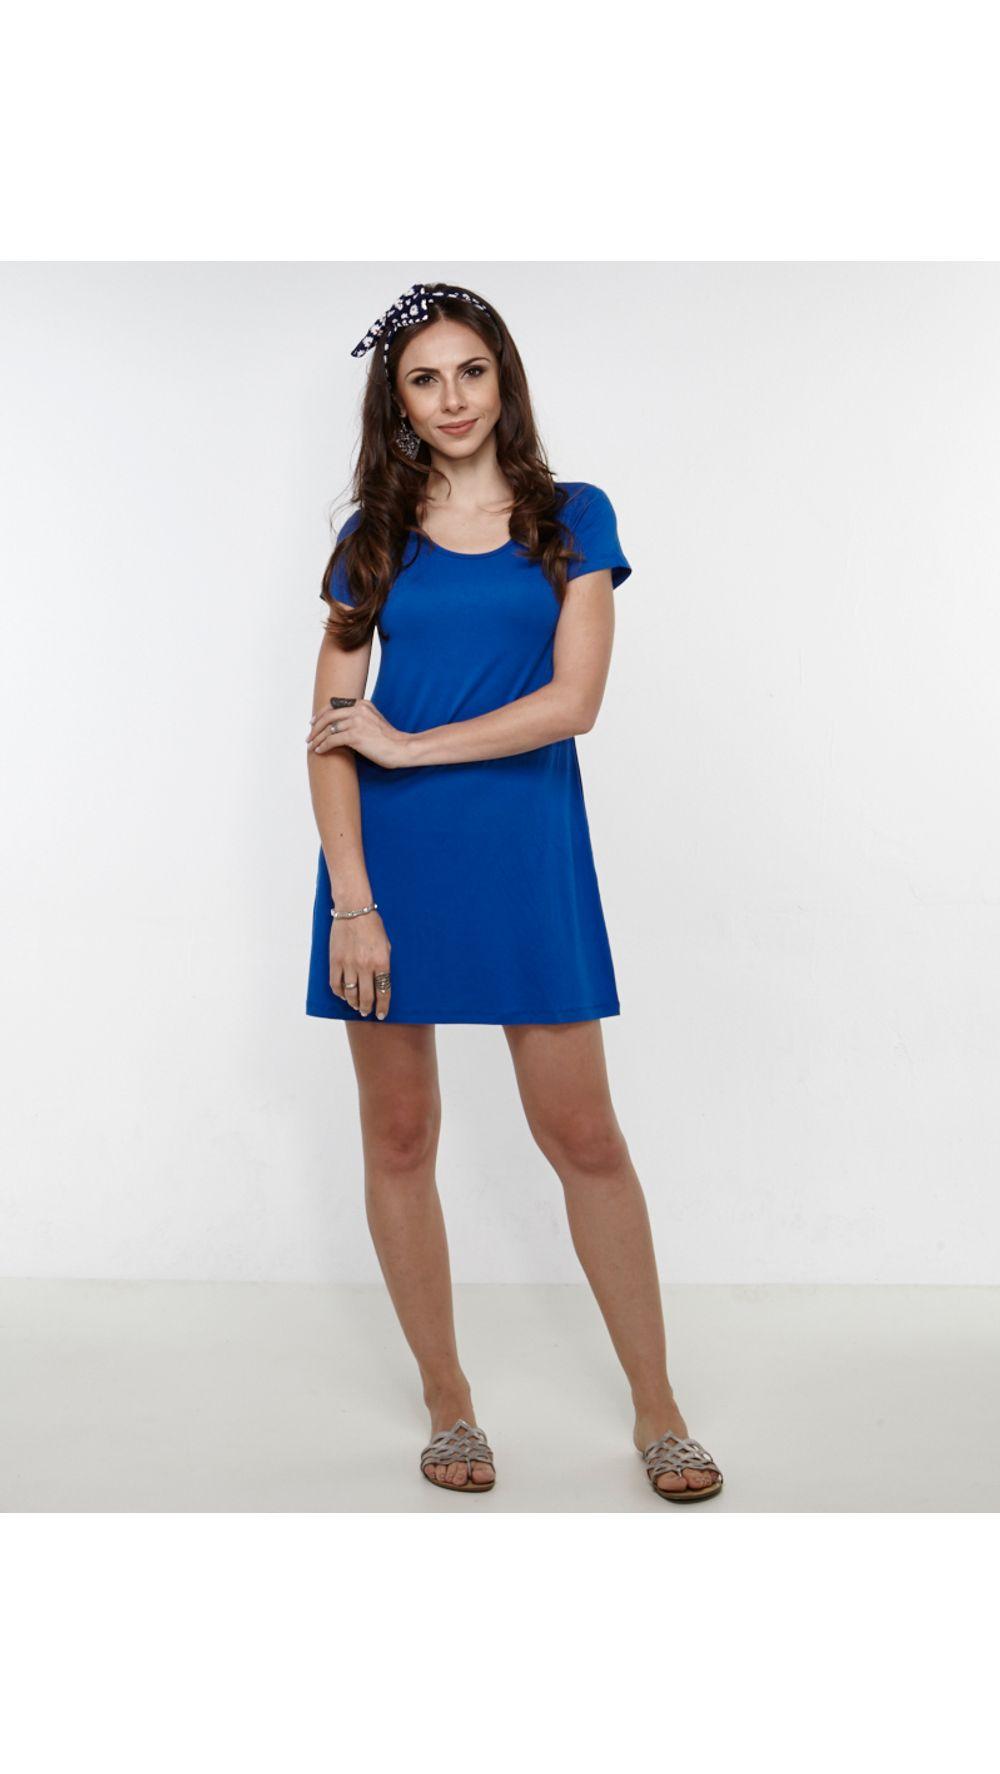 dc0a9bdec Shopmanola - Vestido - Modelo - Curto 142 Azul – shopmanola